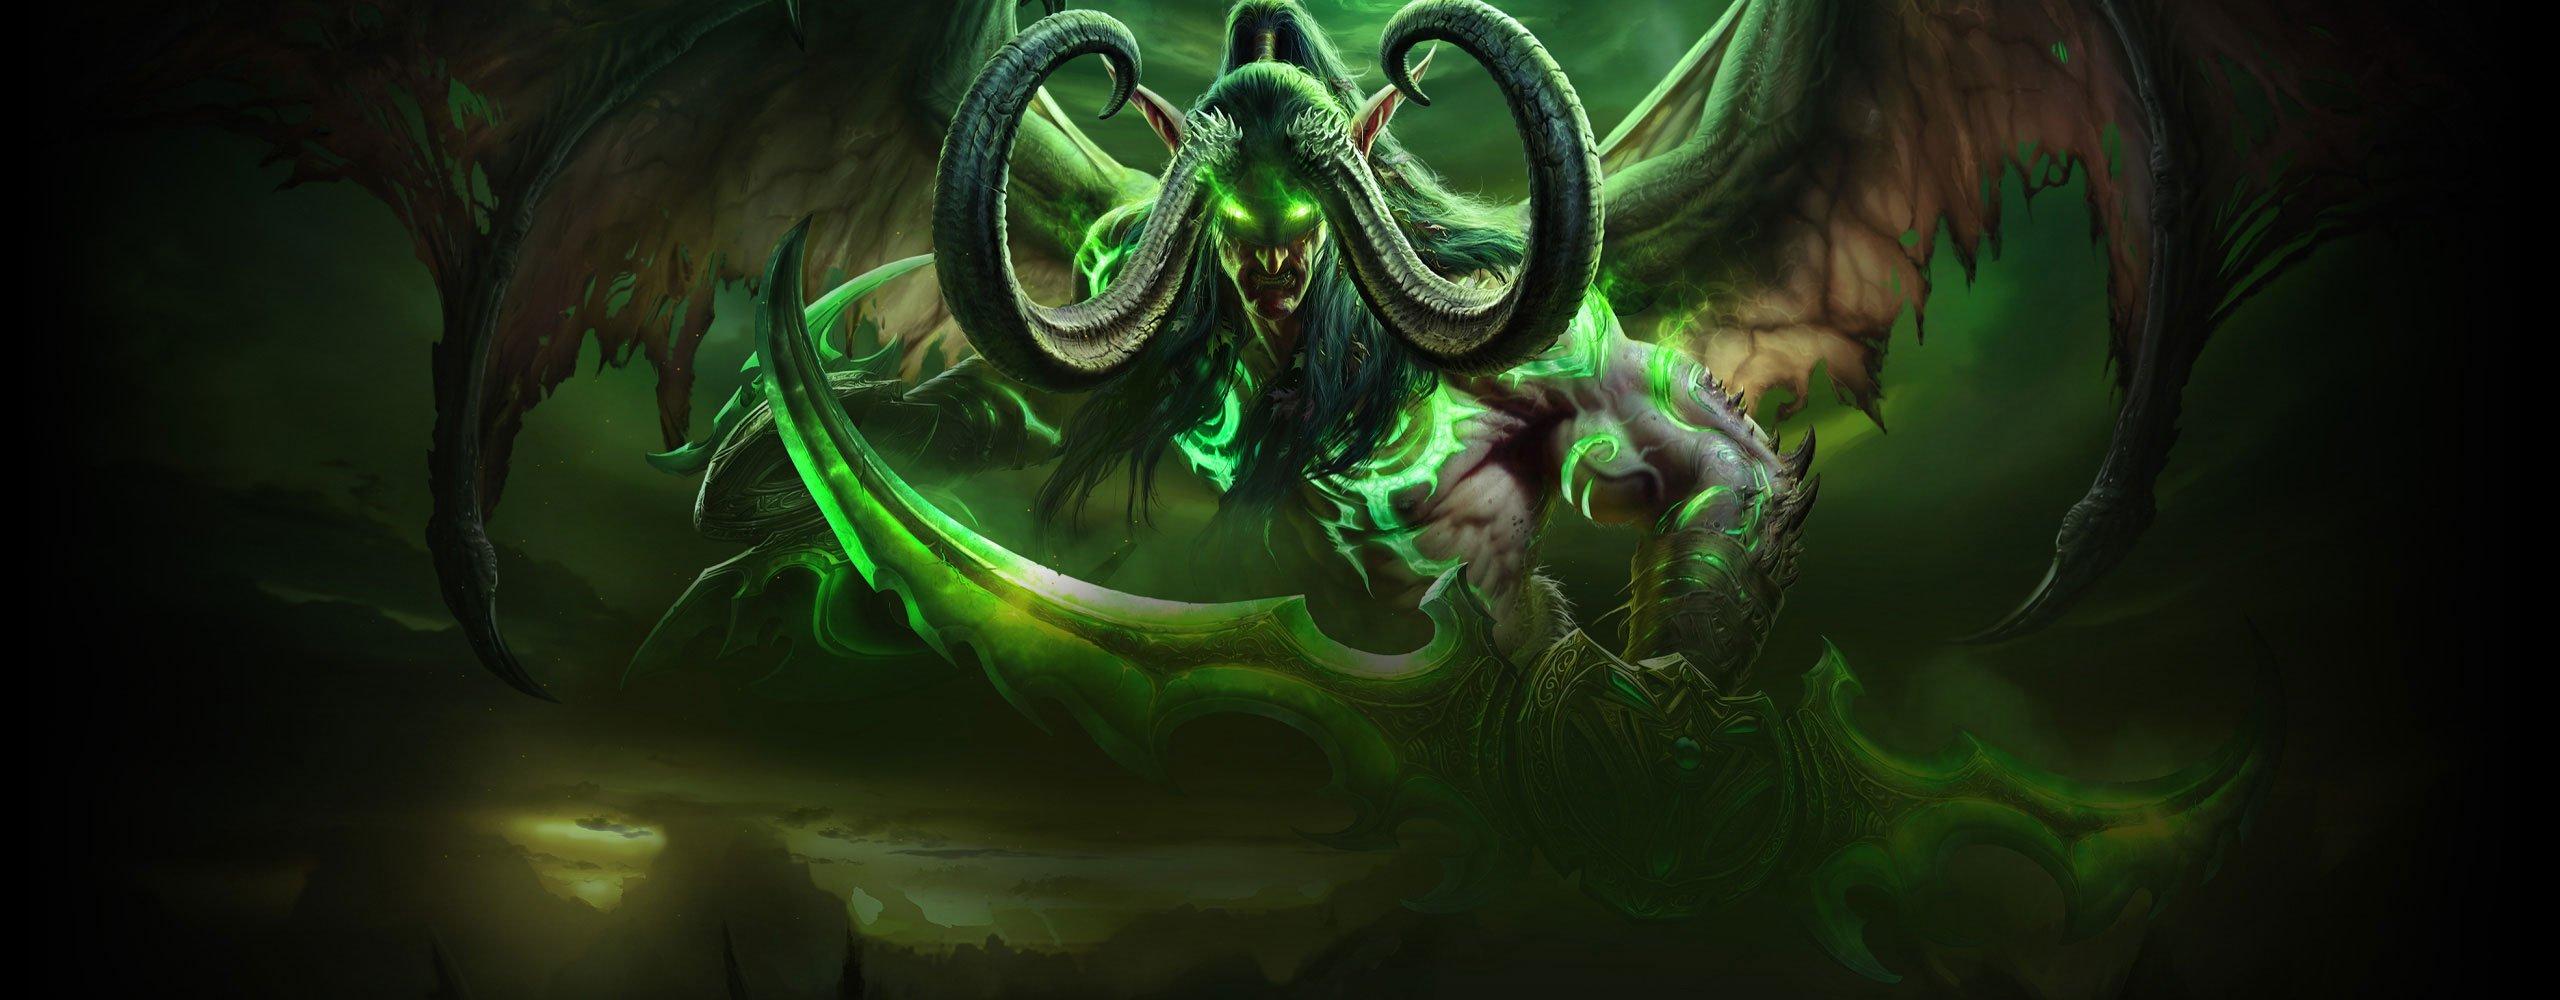 World of Warcraft. И пусть весь мир подождет! - Изображение 1